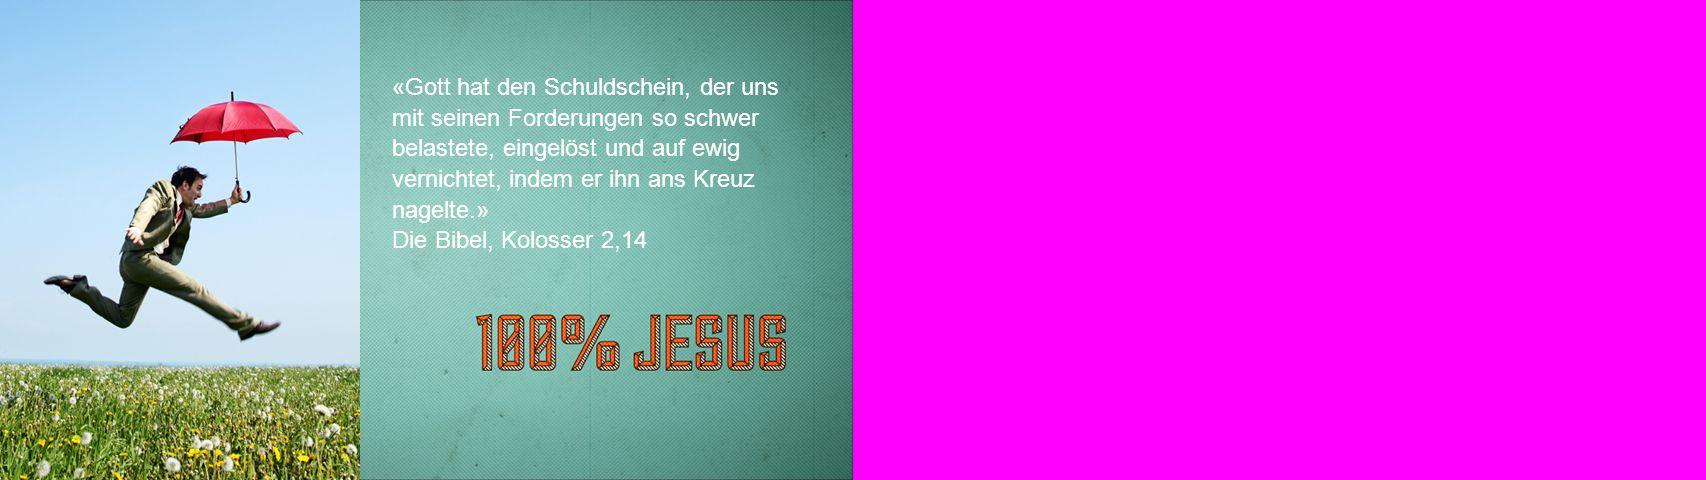 «Gott hat den Schuldschein, der uns mit seinen Forderungen so schwer belastete, eingelöst und auf ewig vernichtet, indem er ihn ans Kreuz nagelte.»